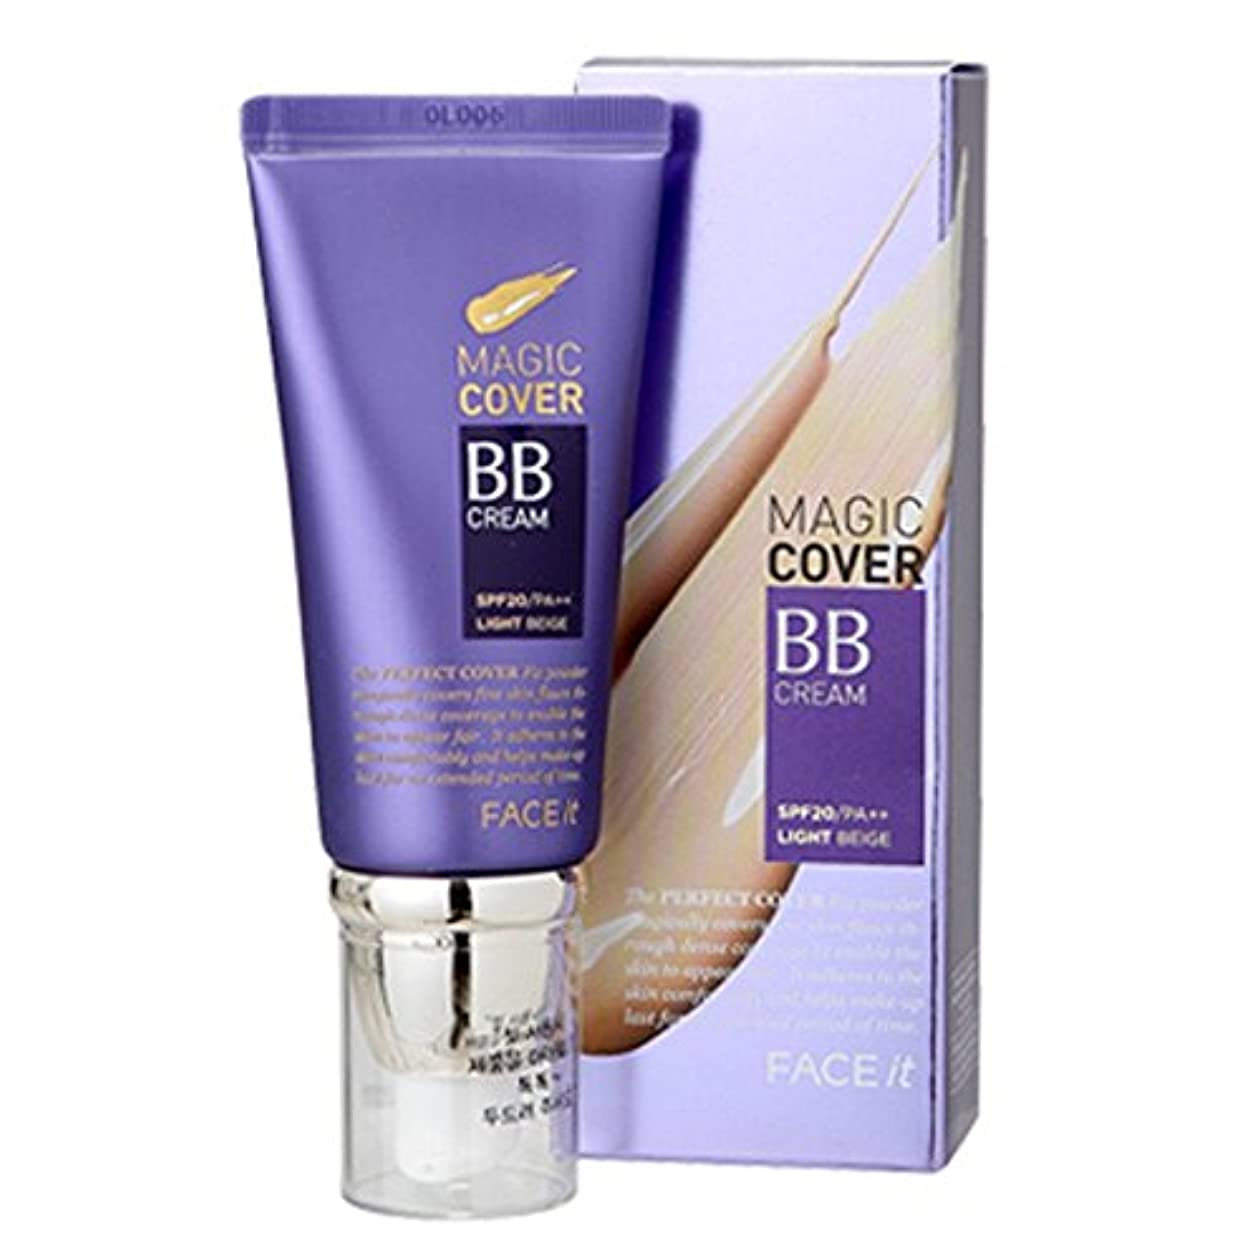 適応するフラッシュのように素早くメドレーザフェイスショップ The Face Shop Face It Magic Cover BB Cream 45ml (02 Natural Beige)